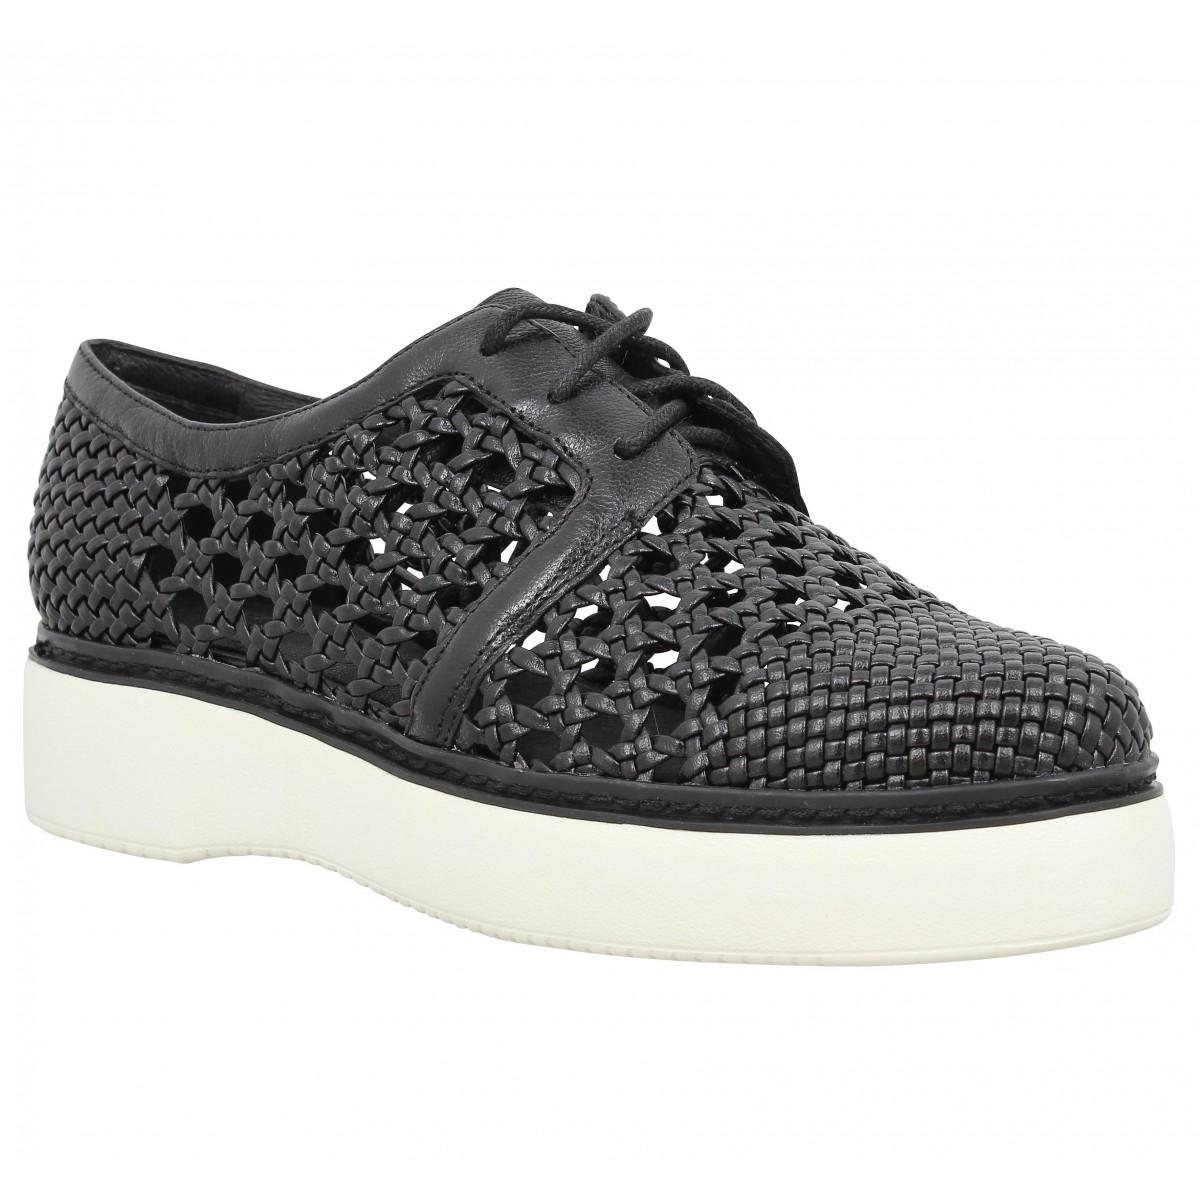 Chaussures à lacets WHAT FOR 7024 Femme Noir